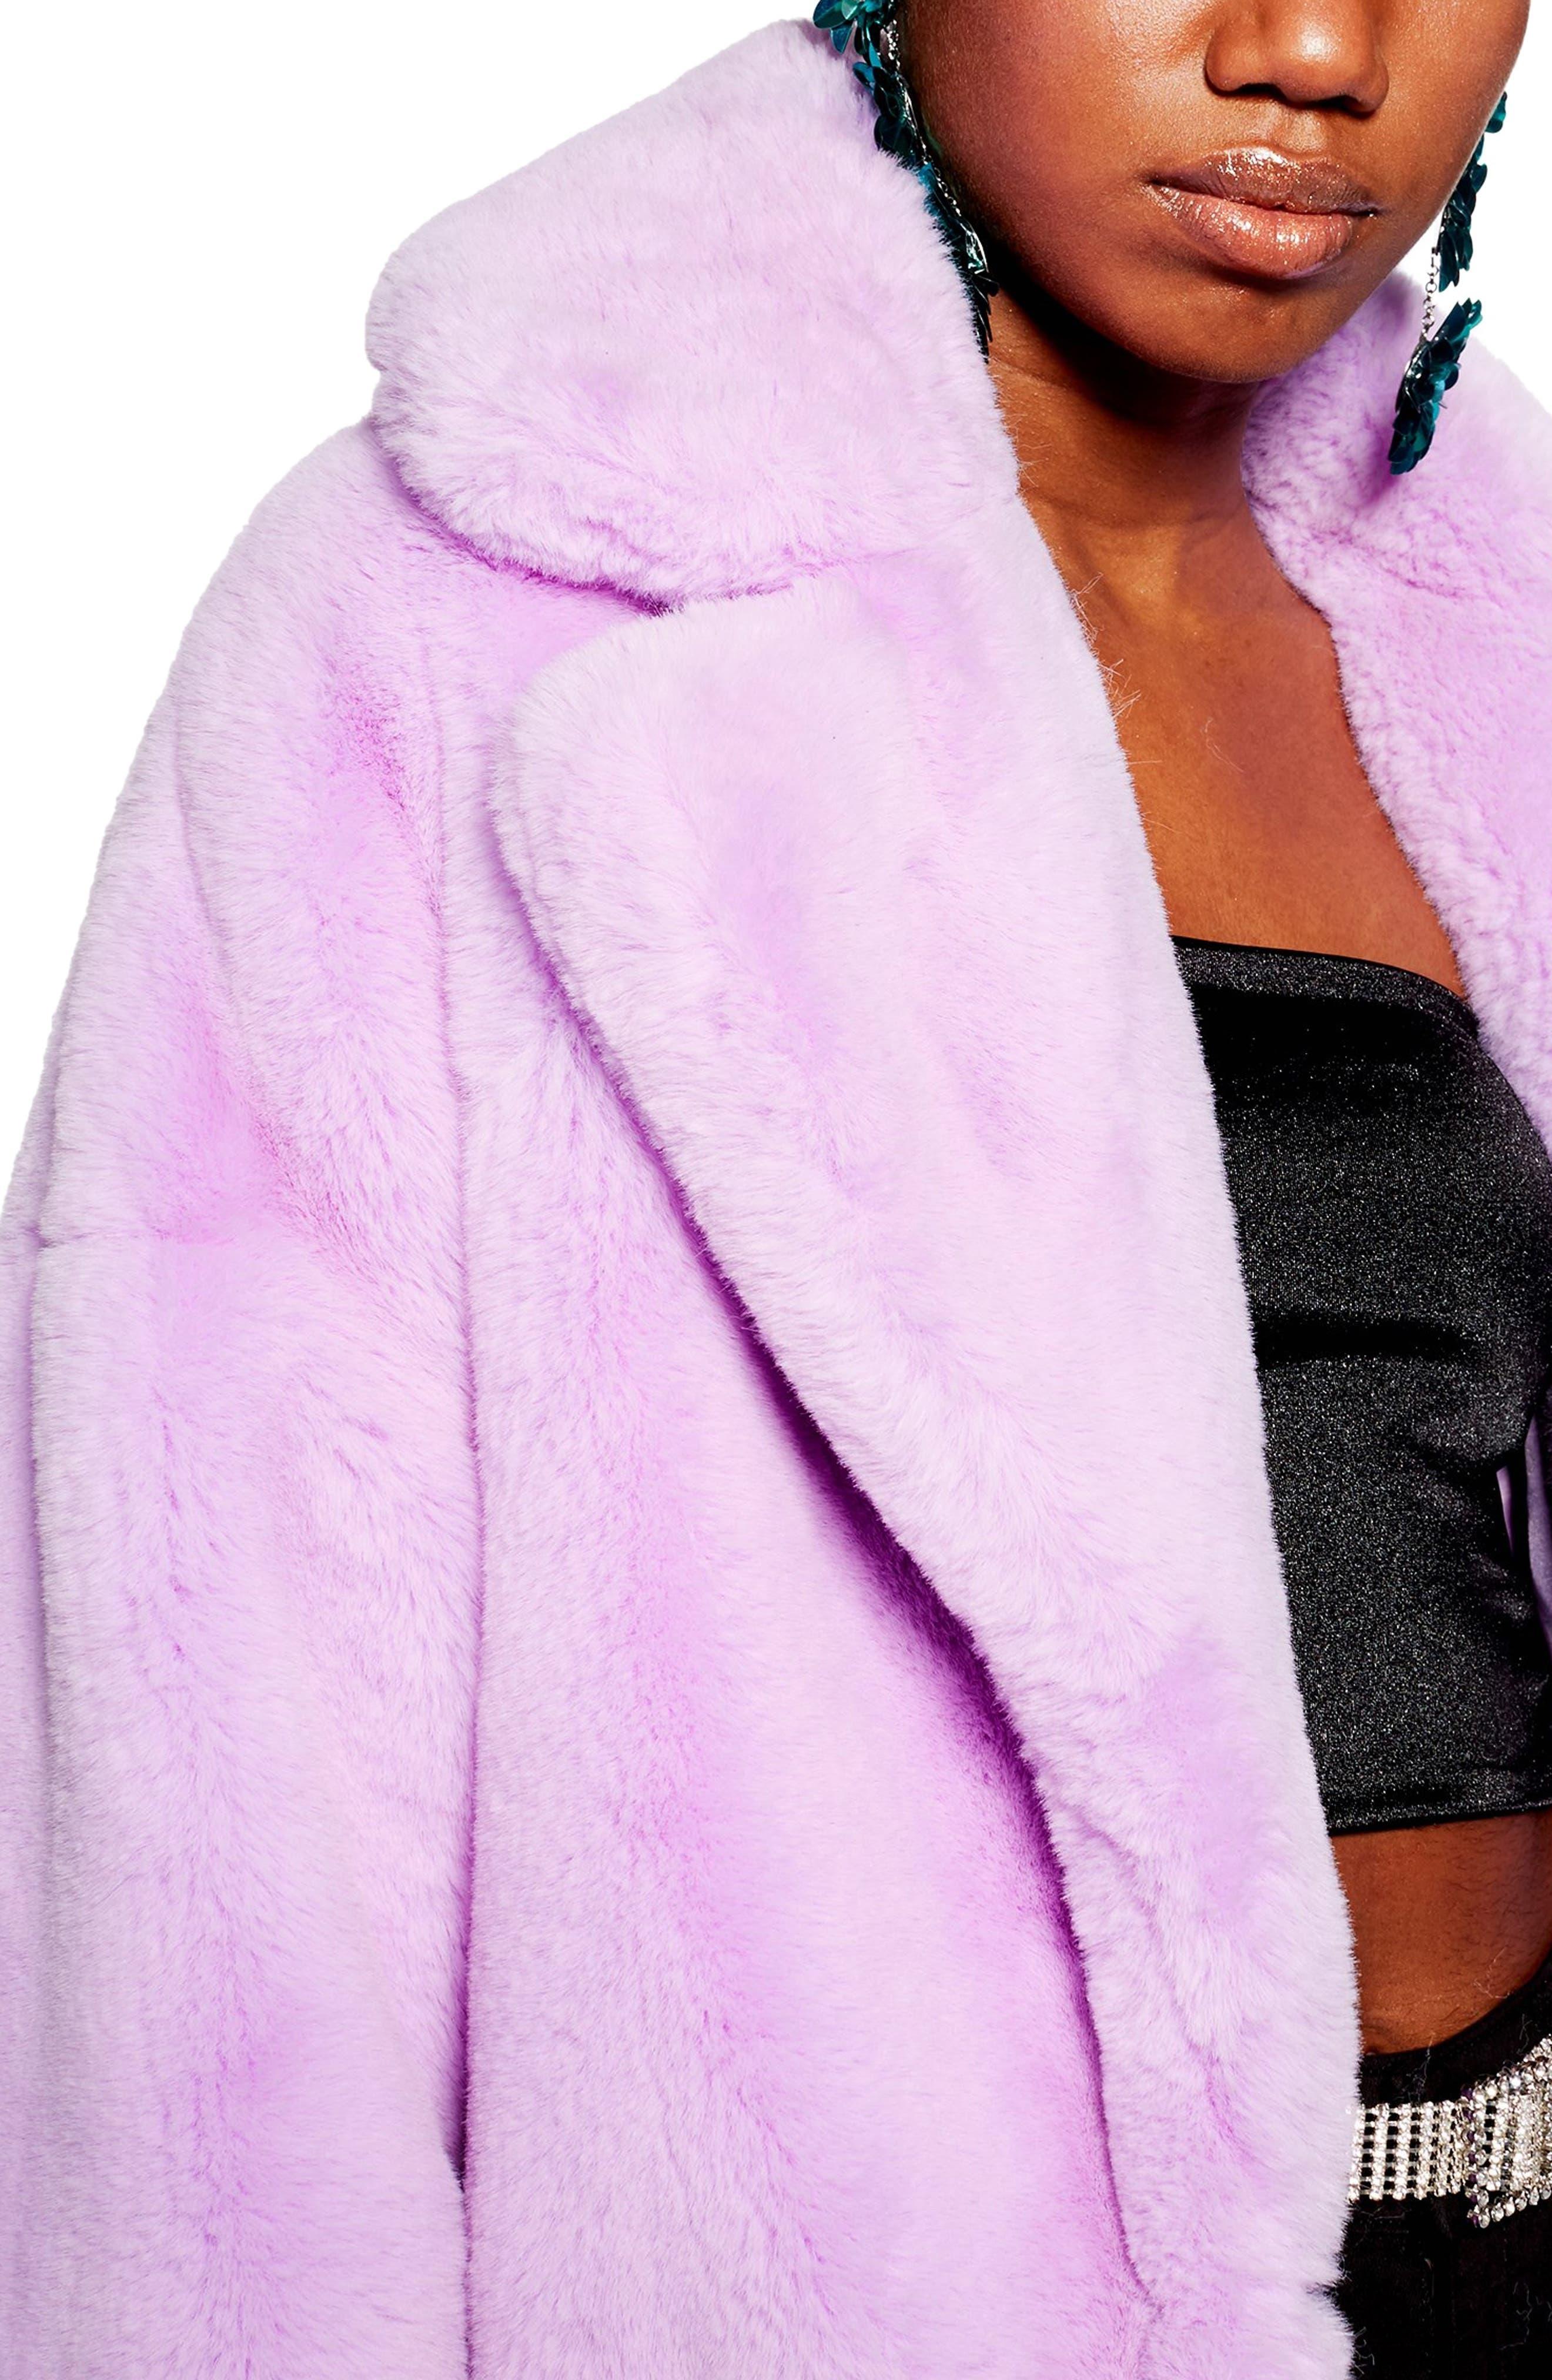 TOPSHOP, Anoushka Faux Fur Coat, Alternate thumbnail 4, color, 530